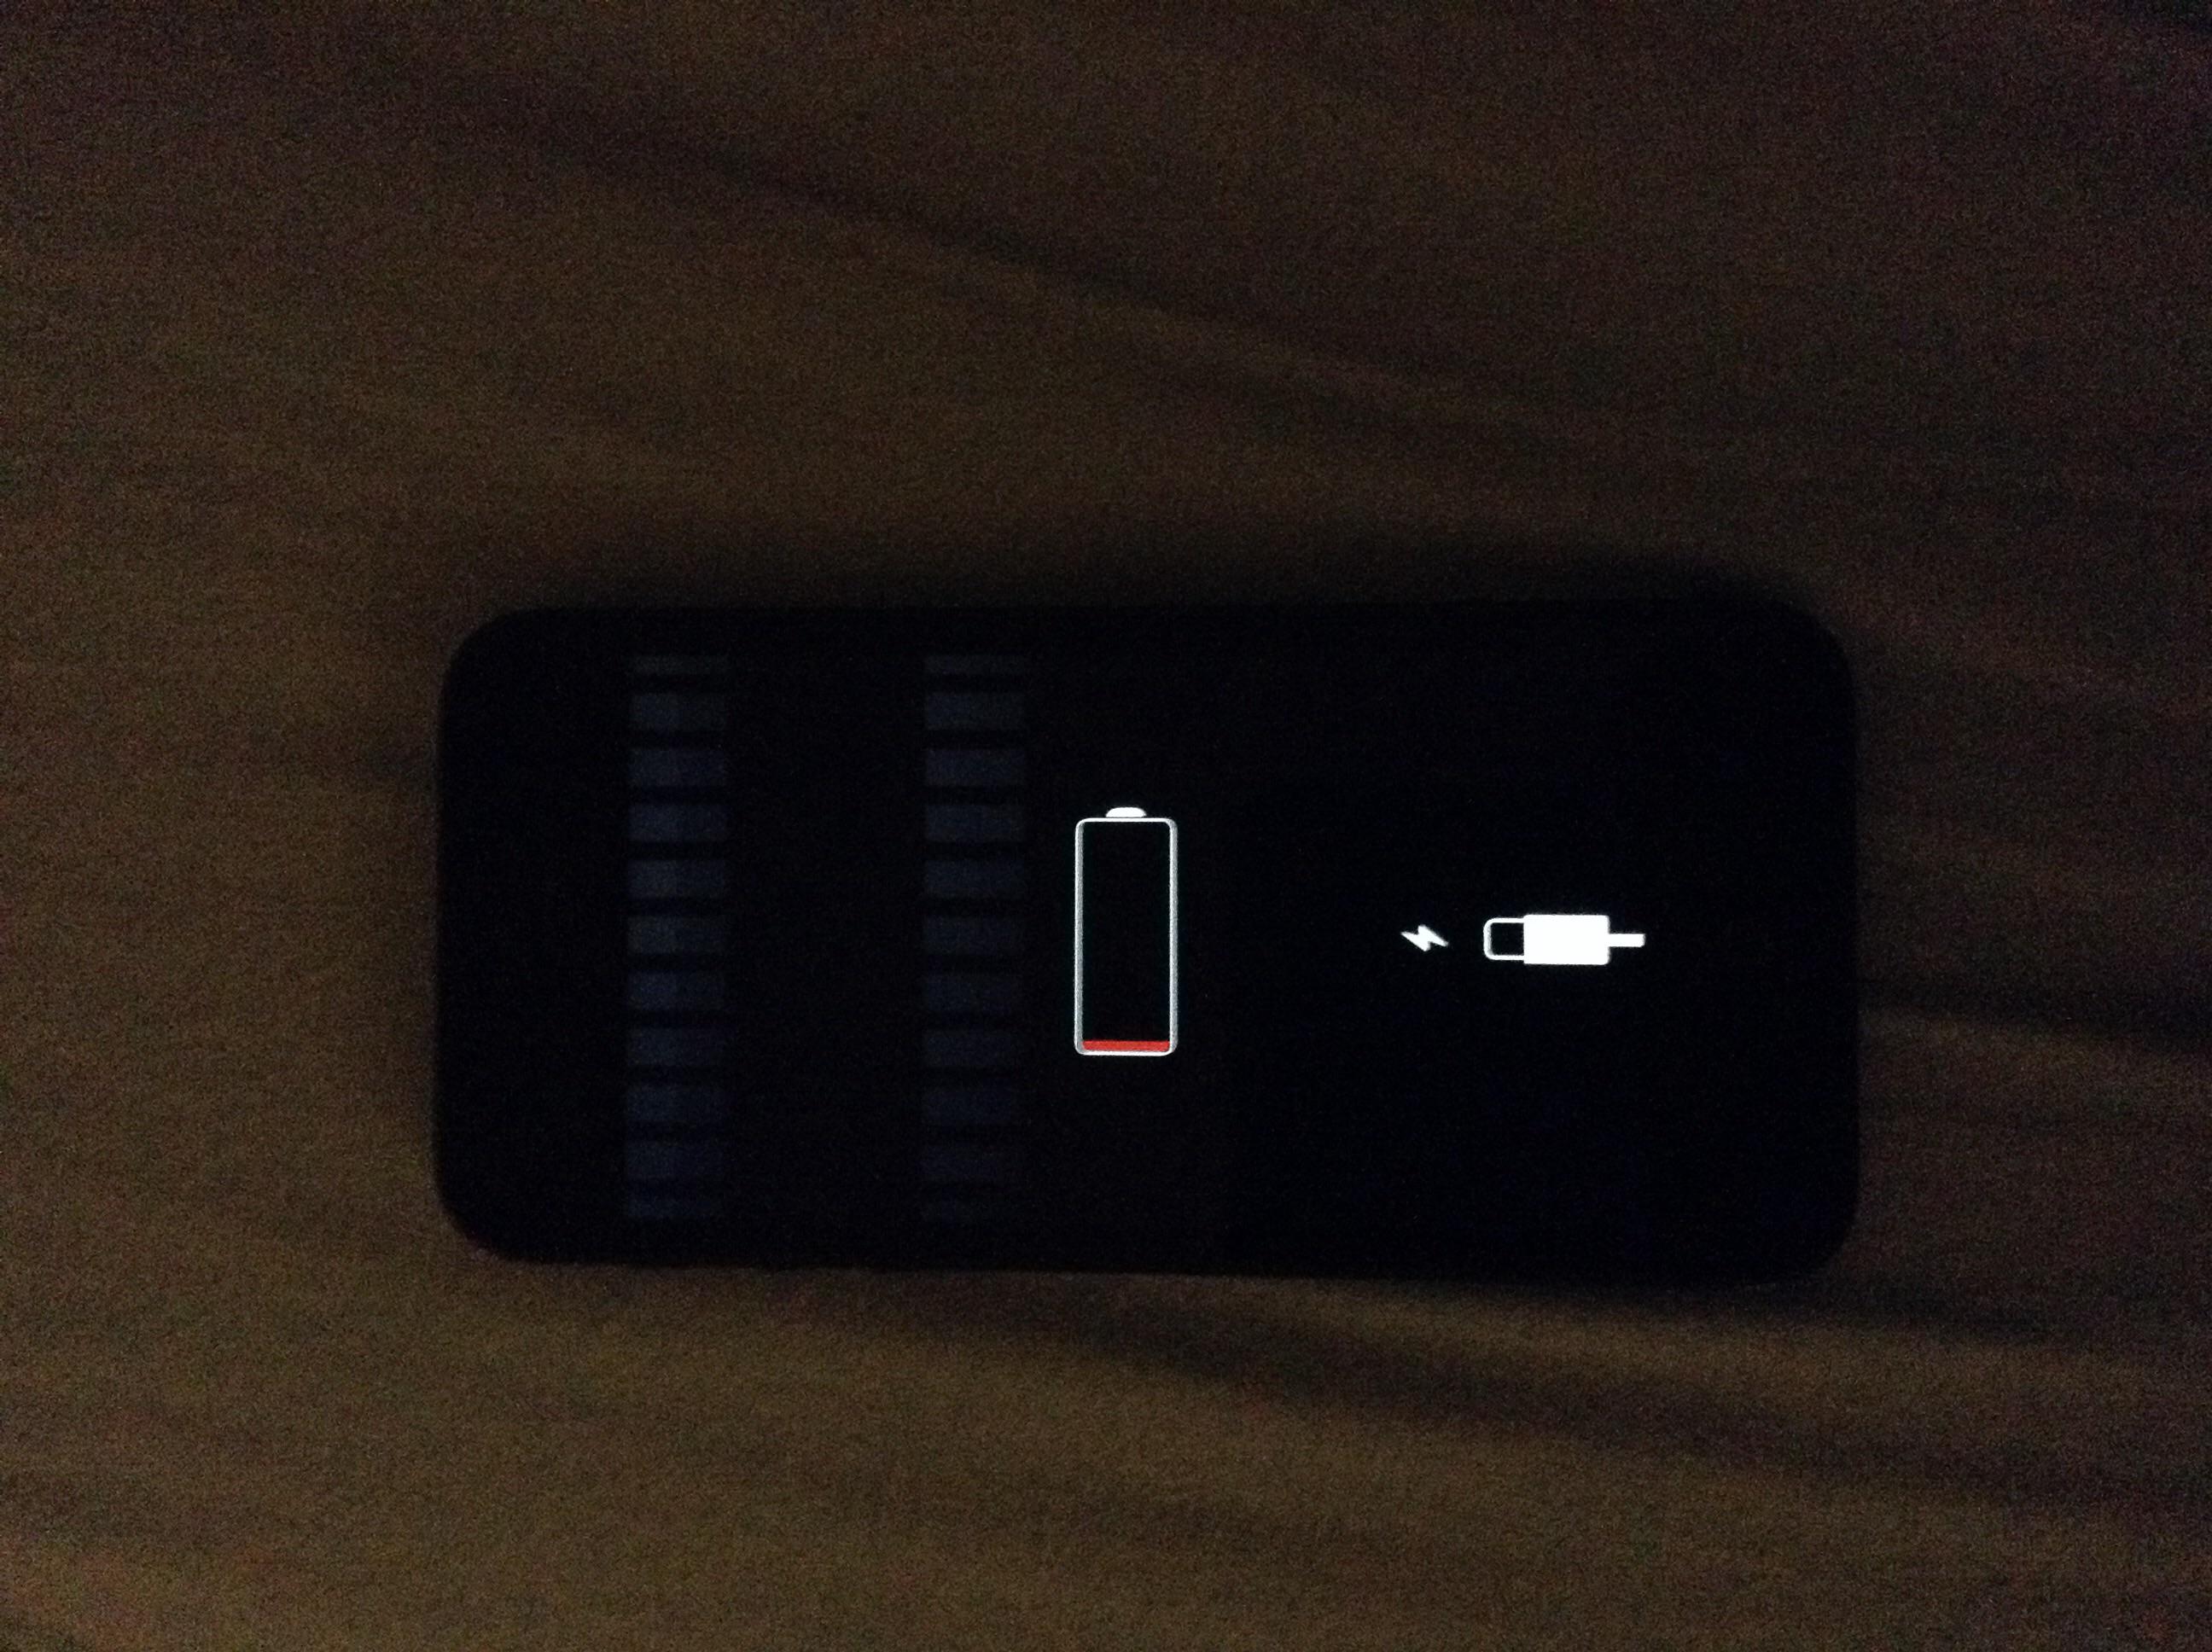 Iphone komplett laden neu